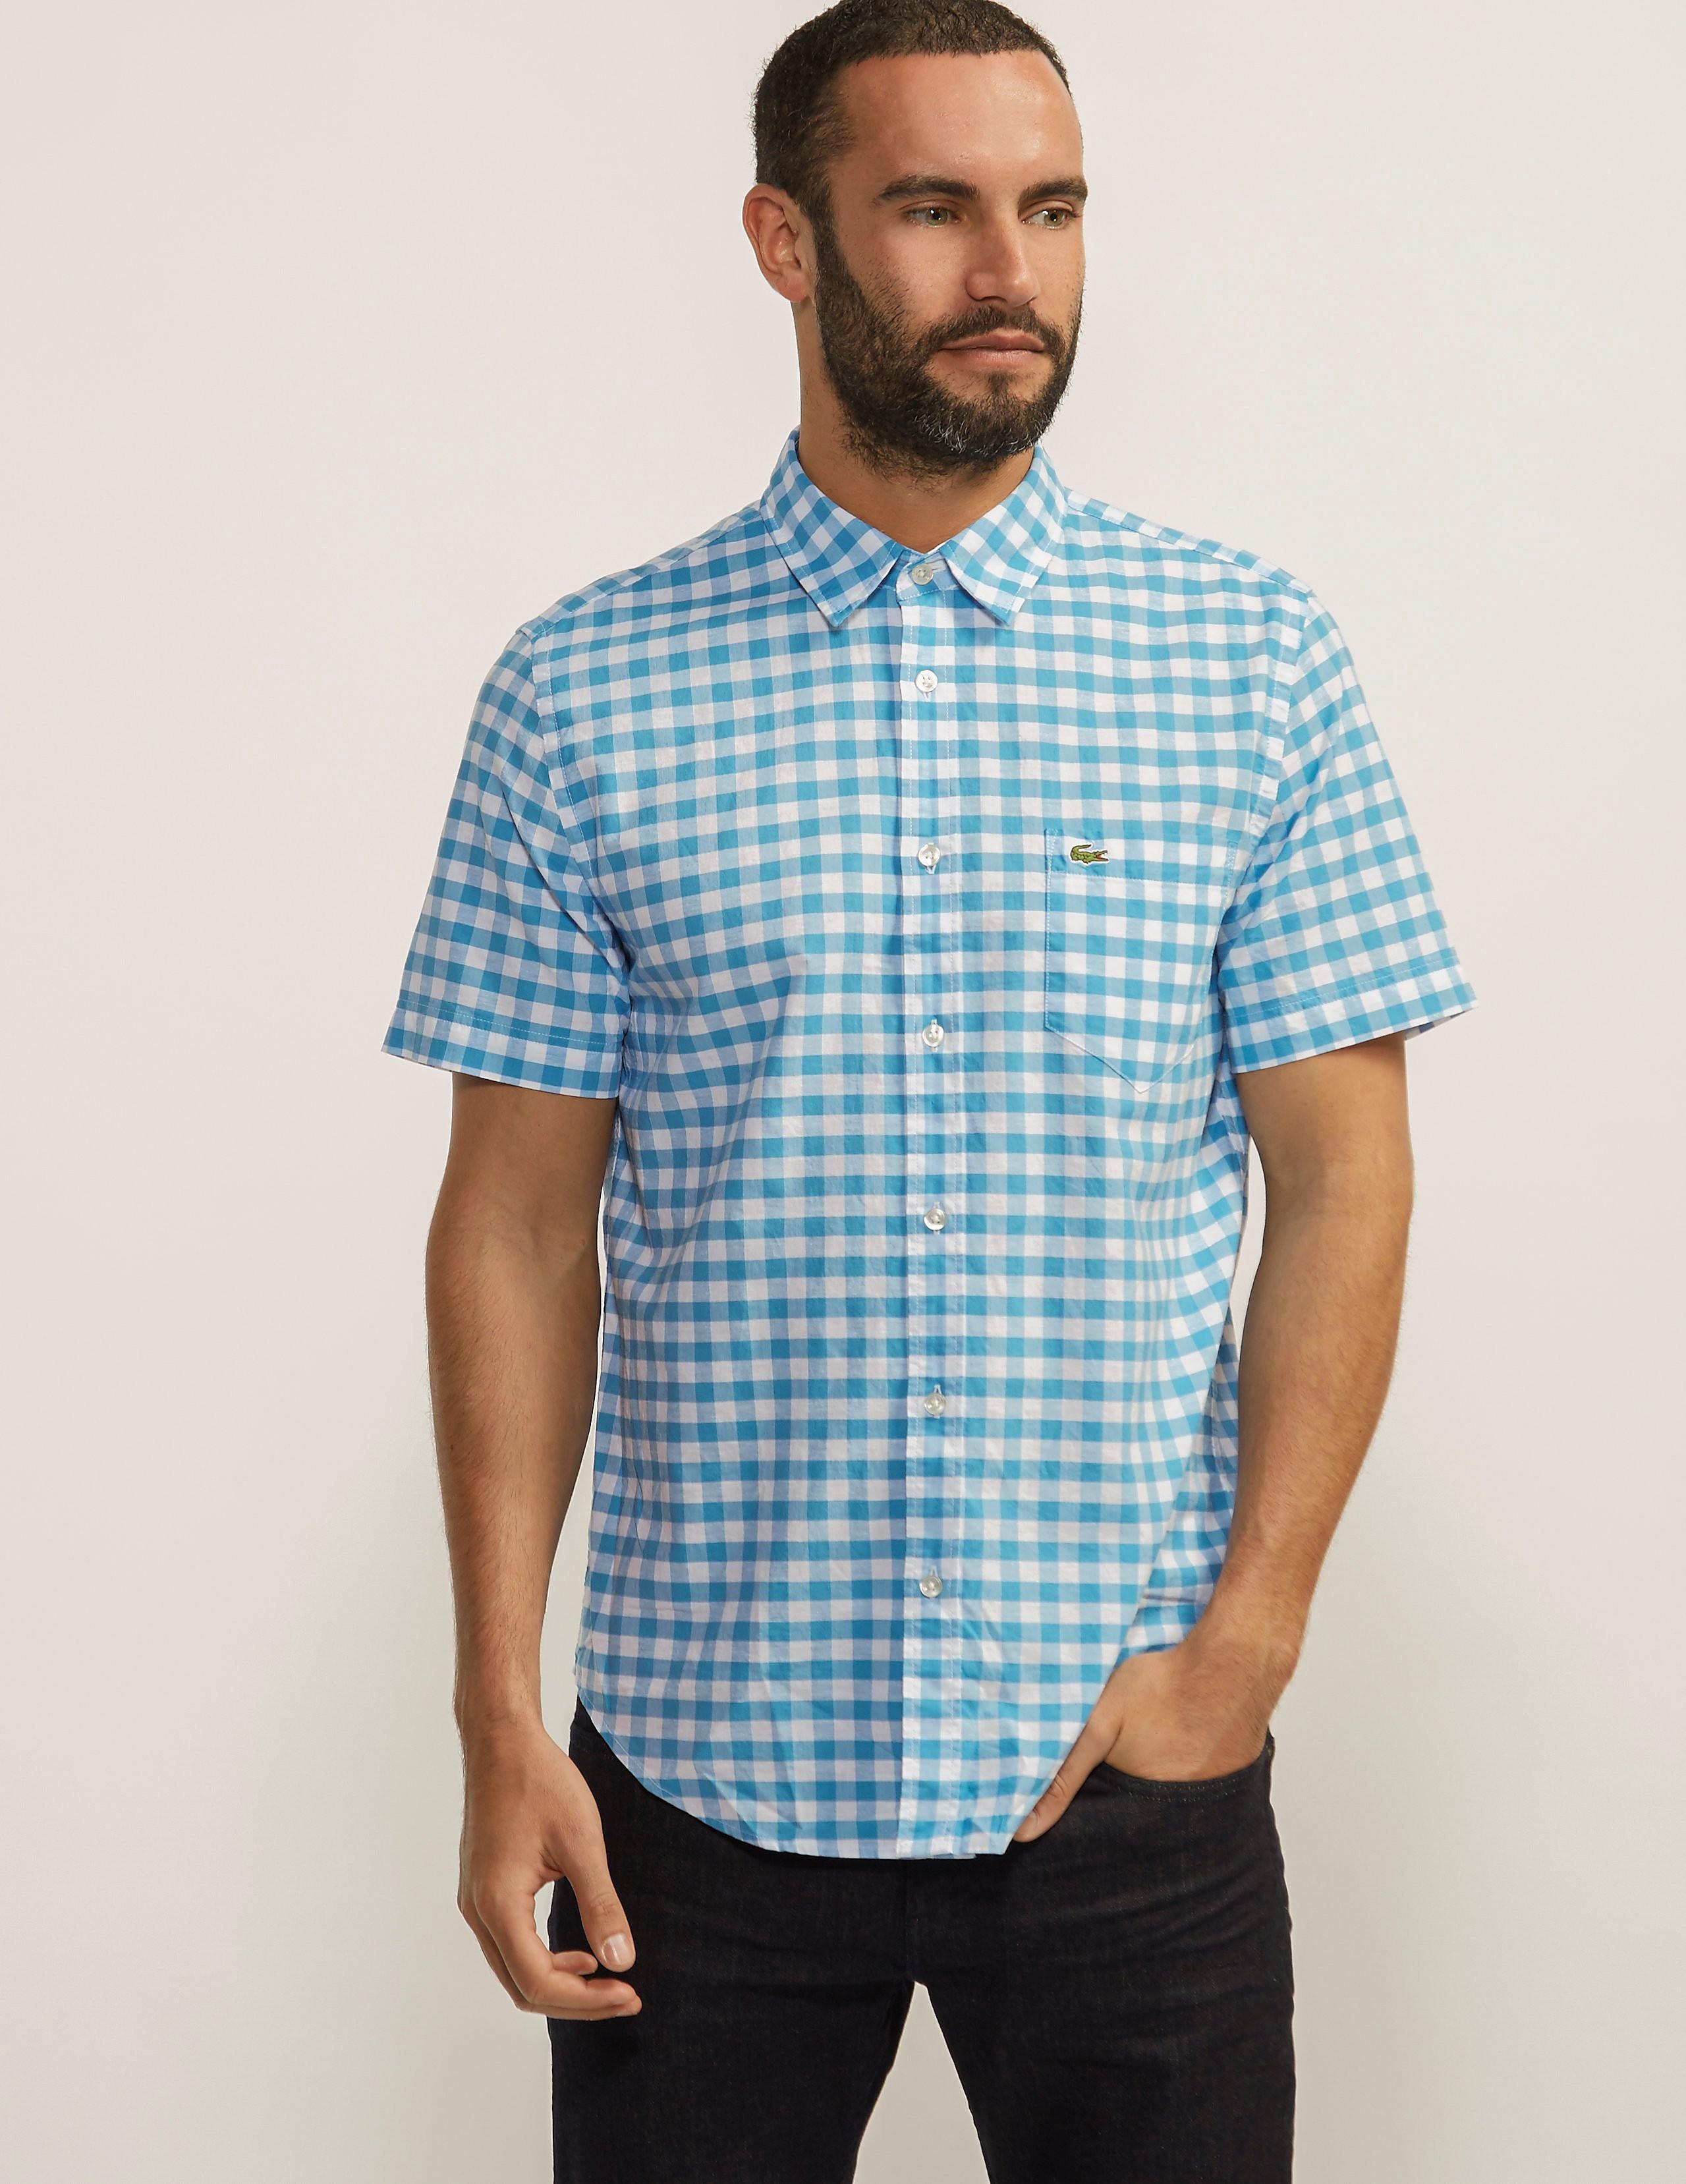 Lacoste Short Sleeved Gingham Shirt